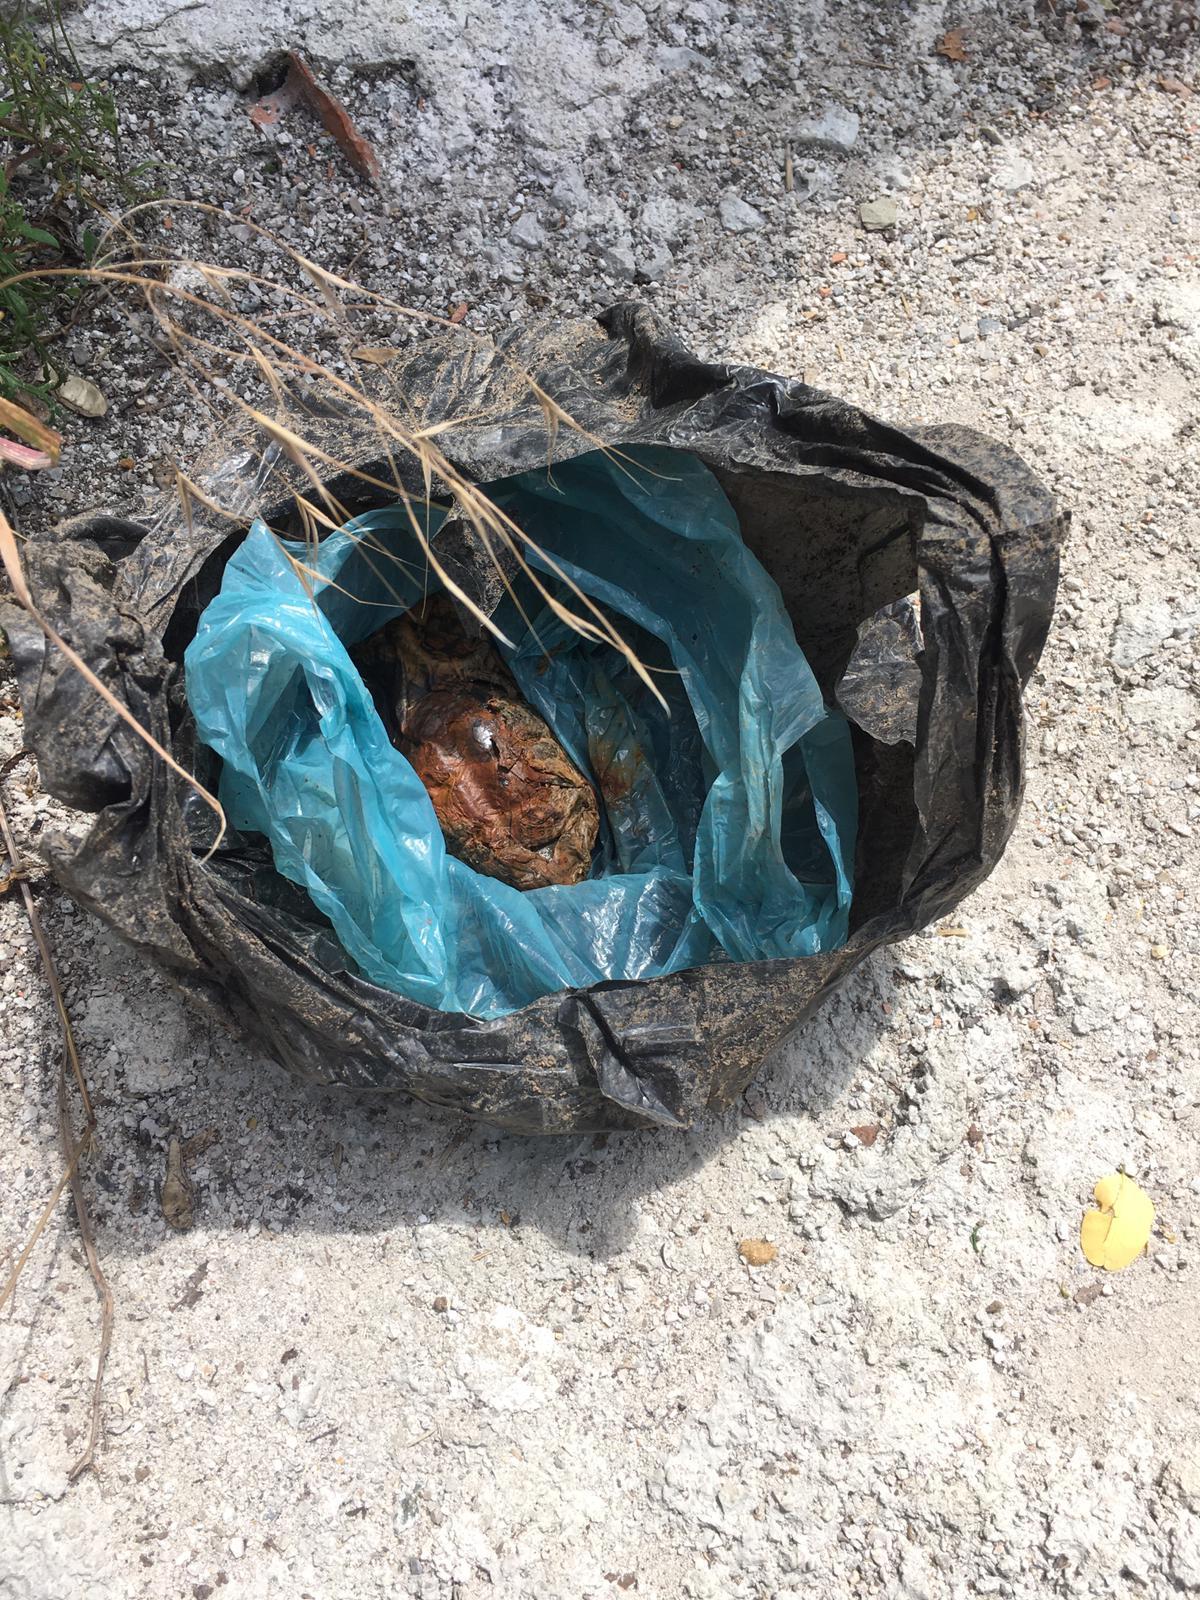 Fide dikmek istediği bahçesinde 'el bombası' buldu